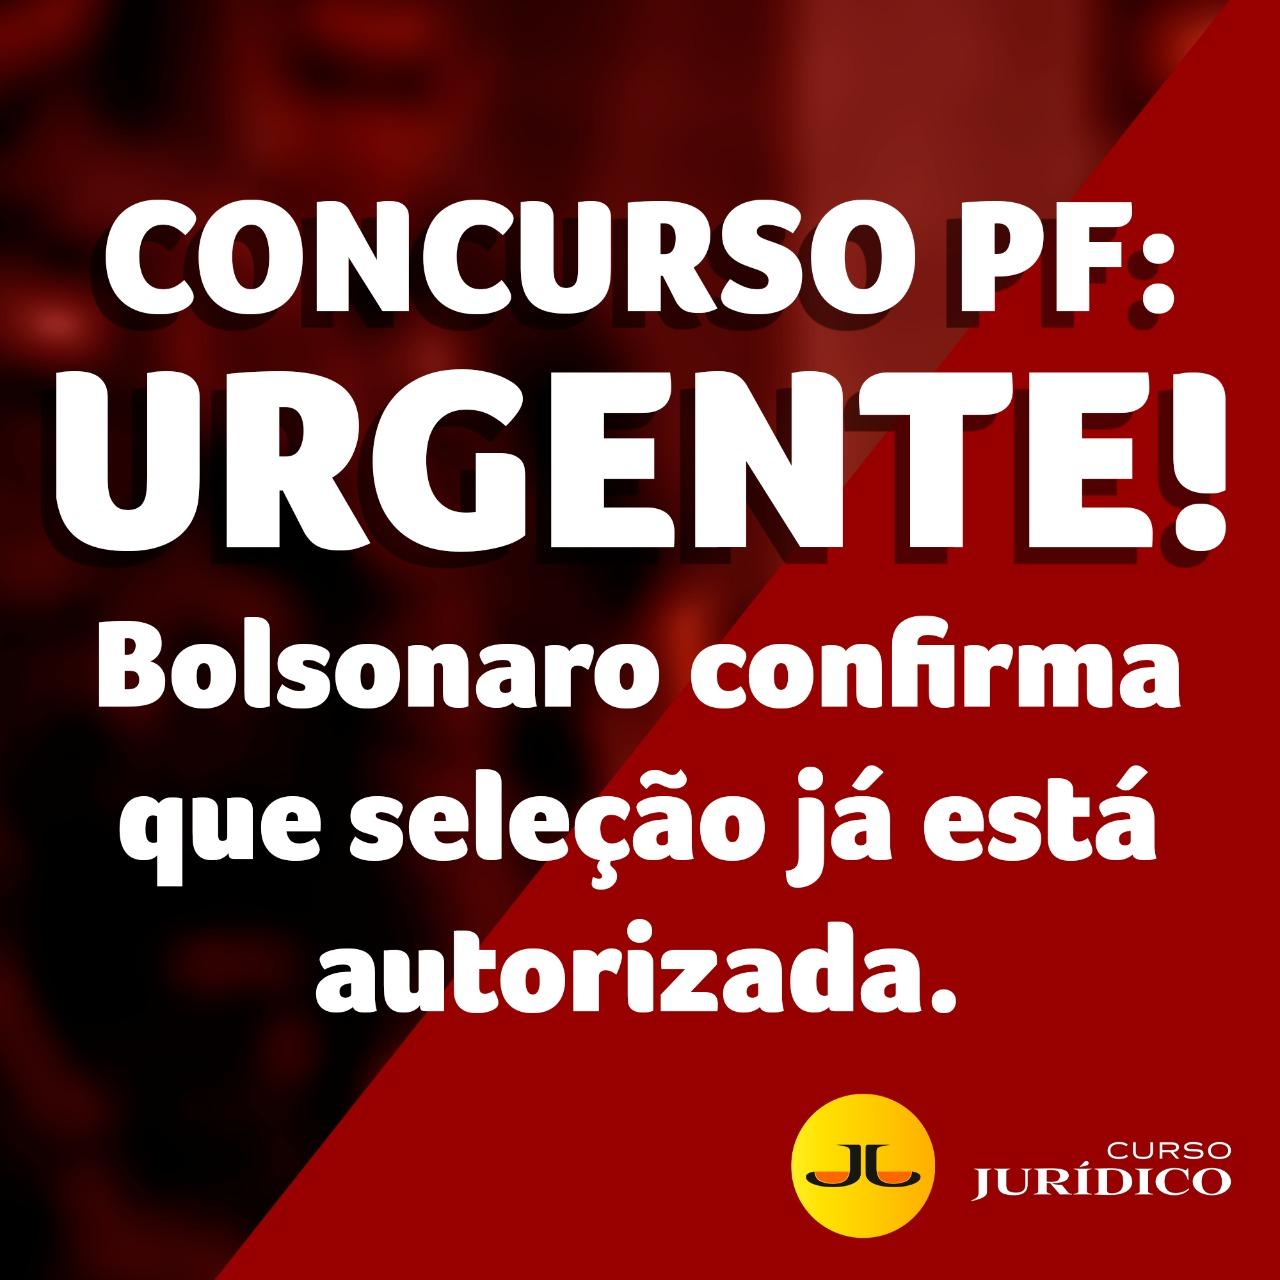 Concurso PF: Urgente !! Bolsonaro confirma que seleção já está autorizada